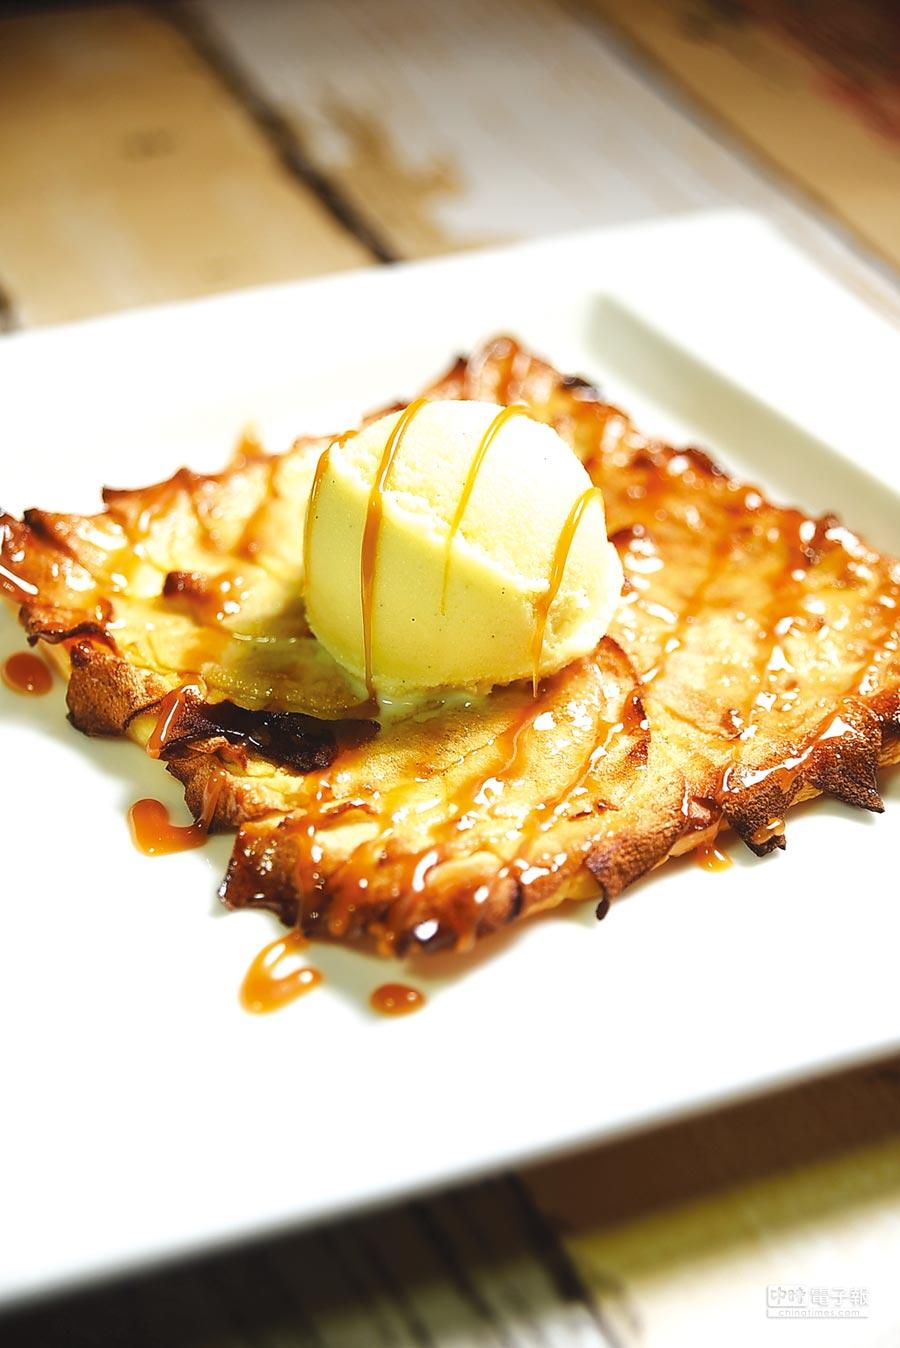 上面加了煙燻香草冰淇淋的〈蘋果薄派〉,是別的餐廳嘗不到的美味法式甜點。圖/姚舜